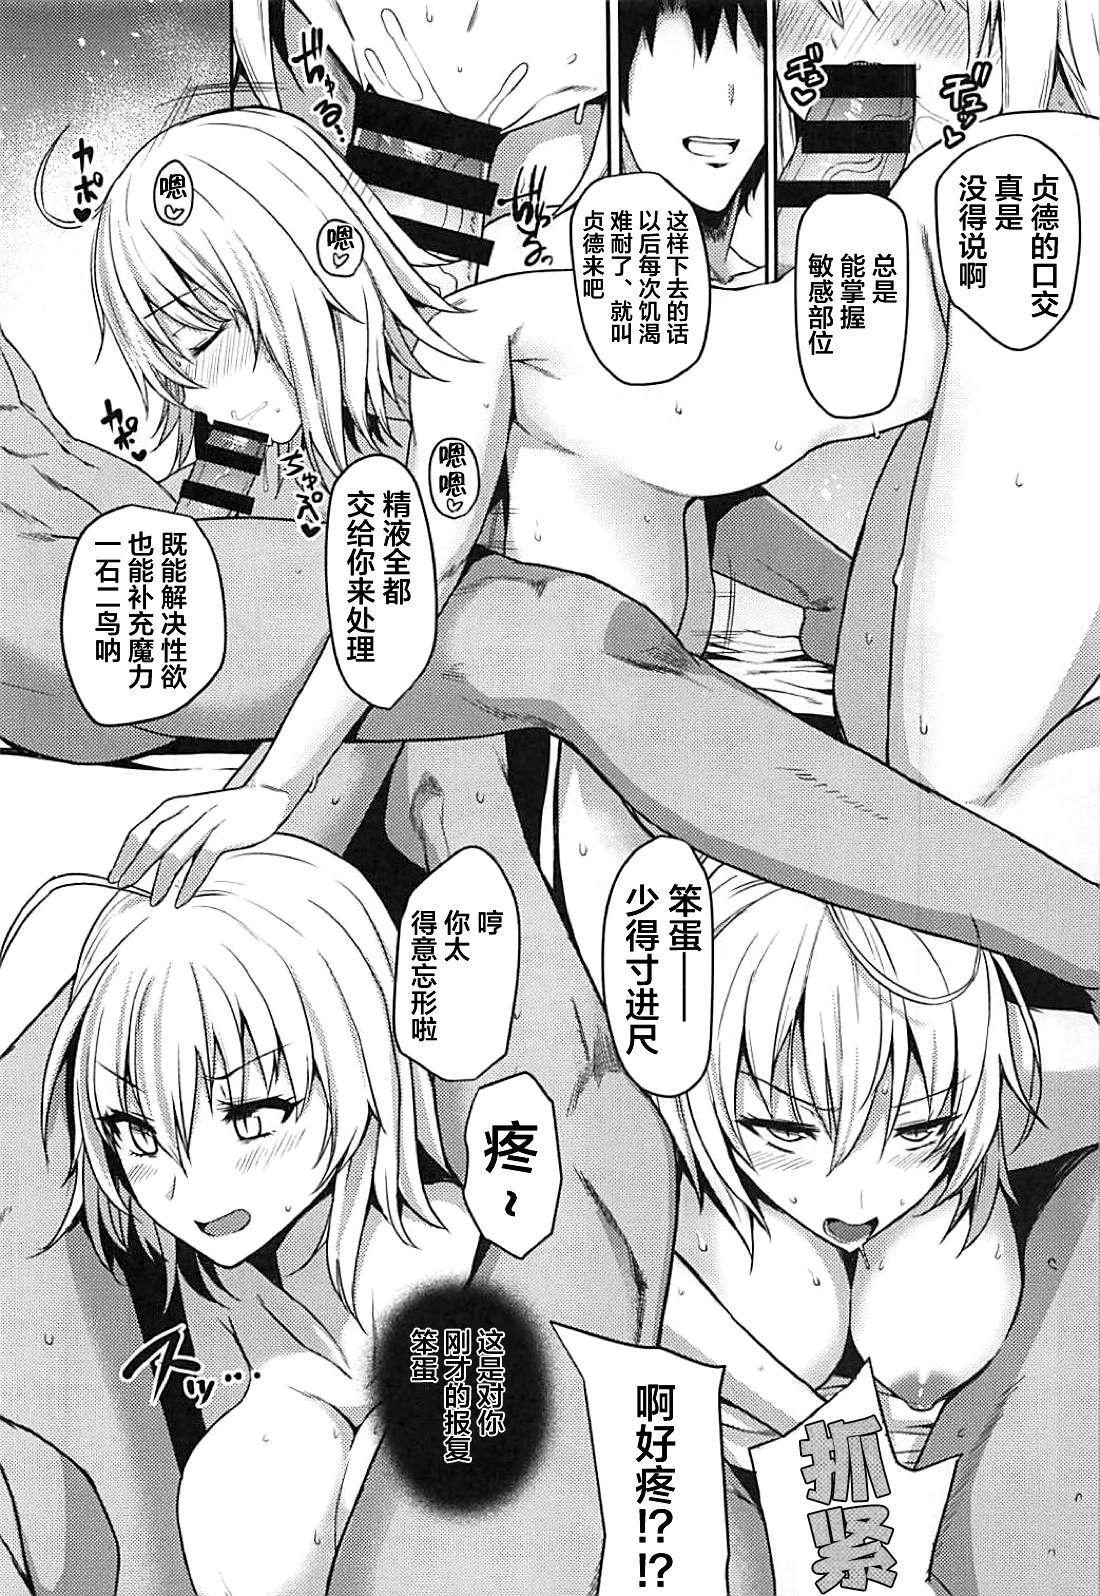 Jeanne to Ippaku Futsuka Ryokou Shitemita 19